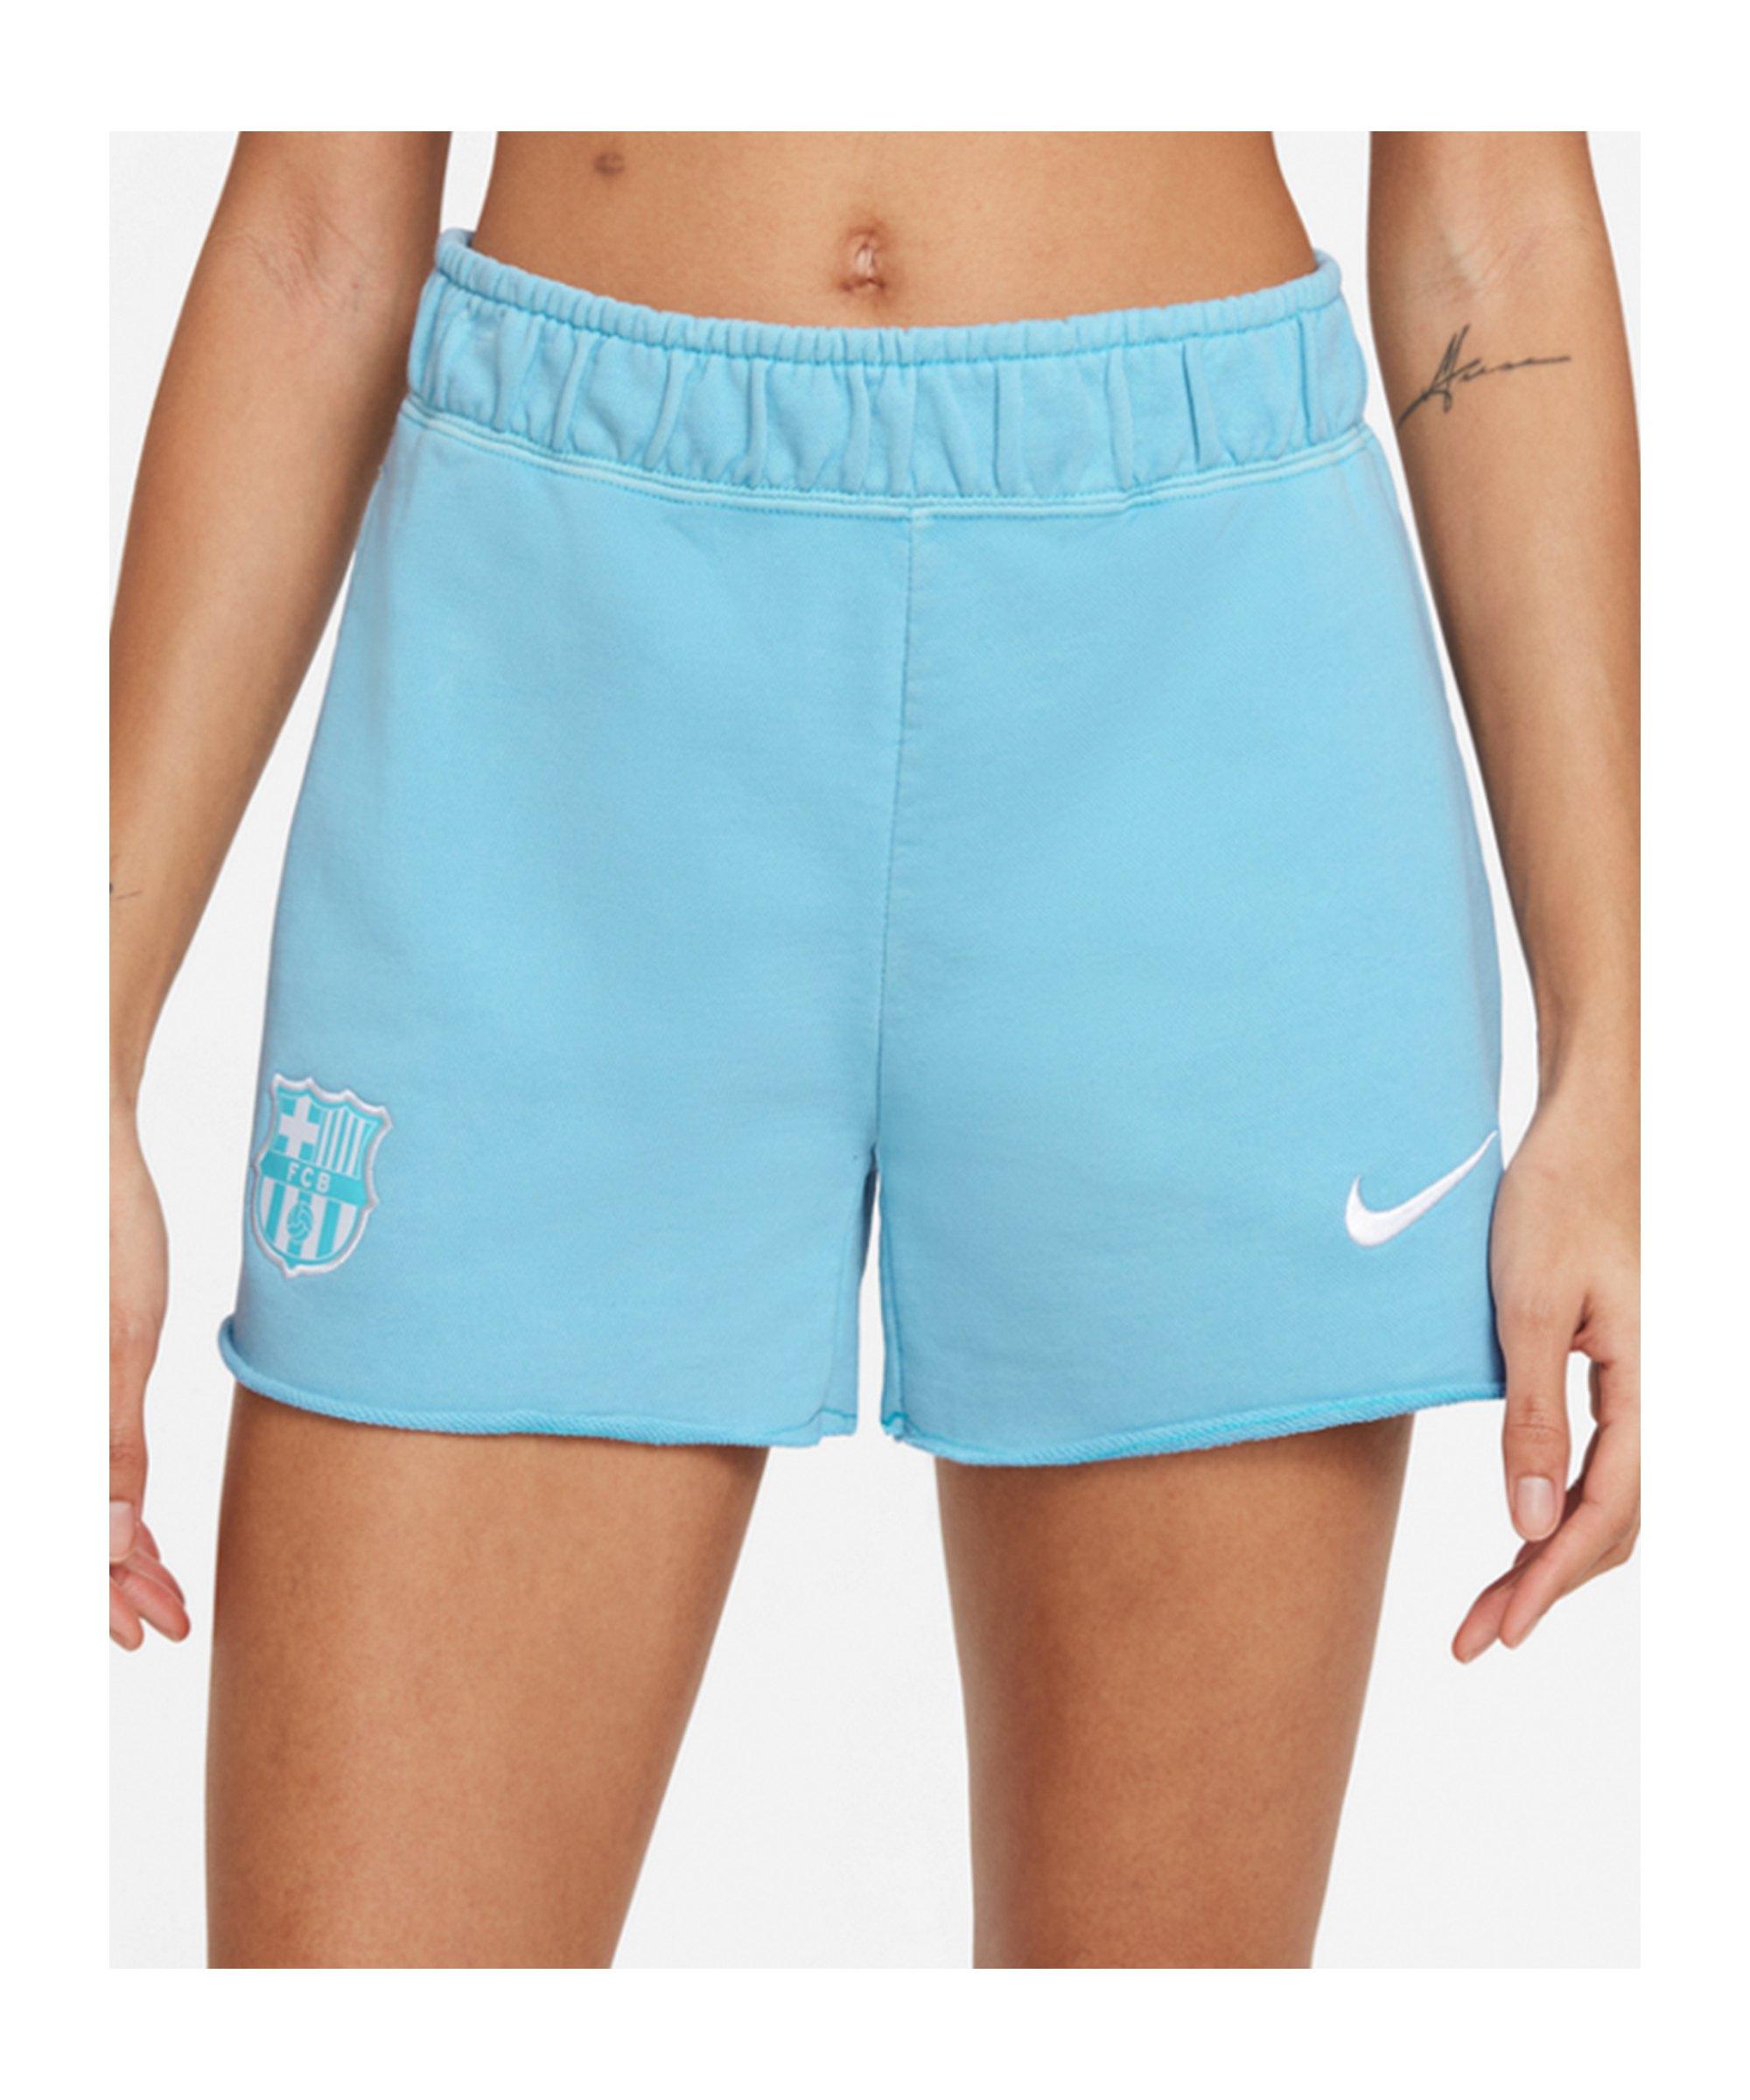 Nike FC Barcelona Washed Short Damen Blau F425 - blau